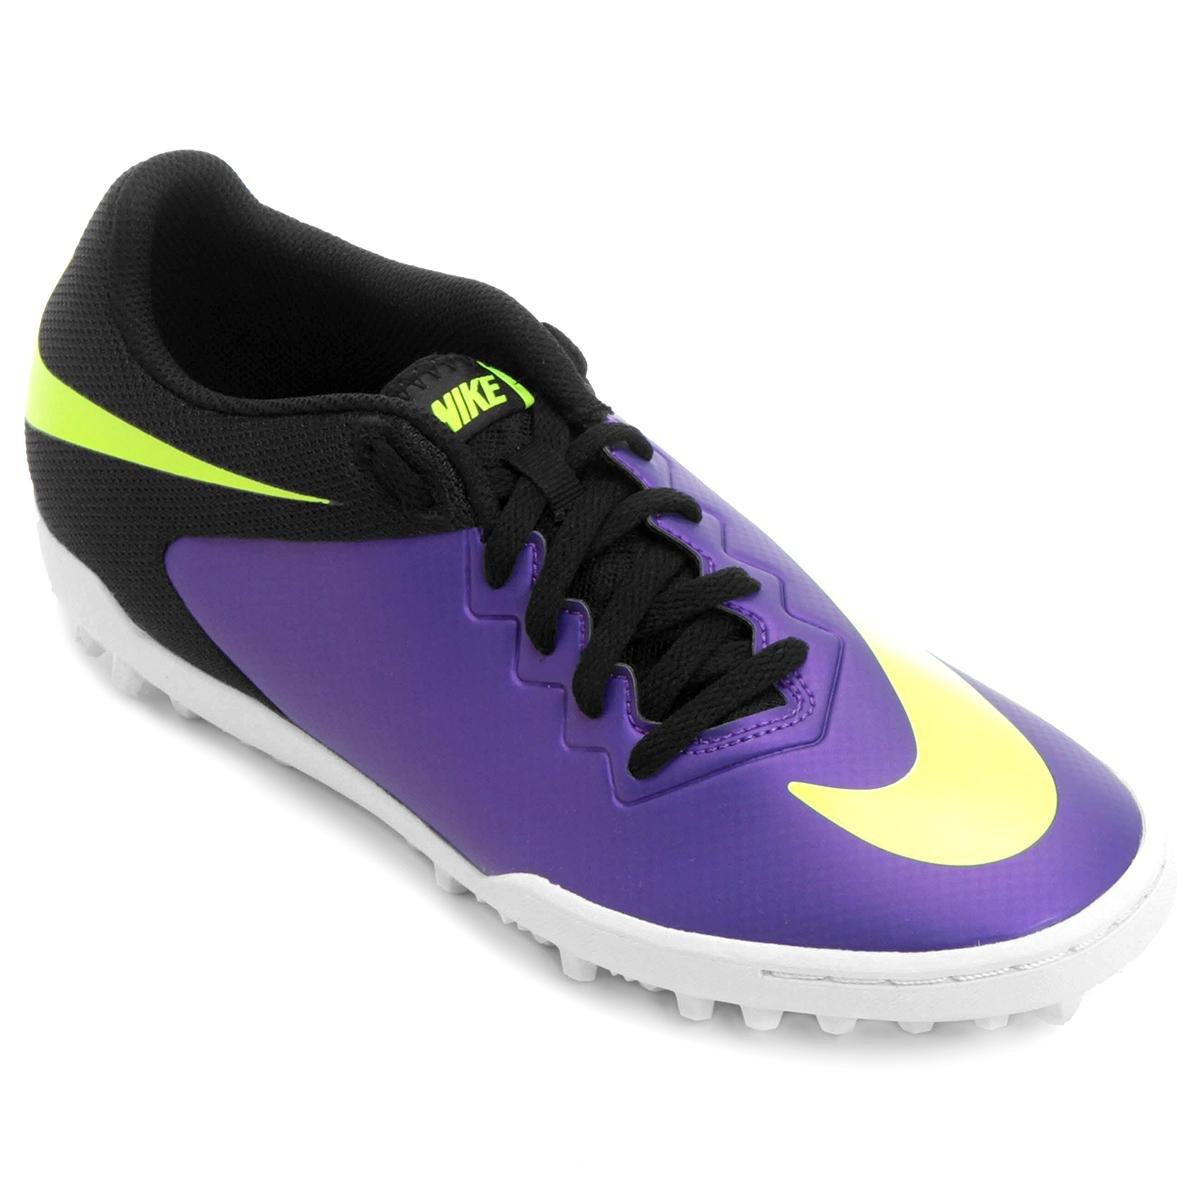 501f0b3168 Chuteira Society Nike Hypervenom Pro TF